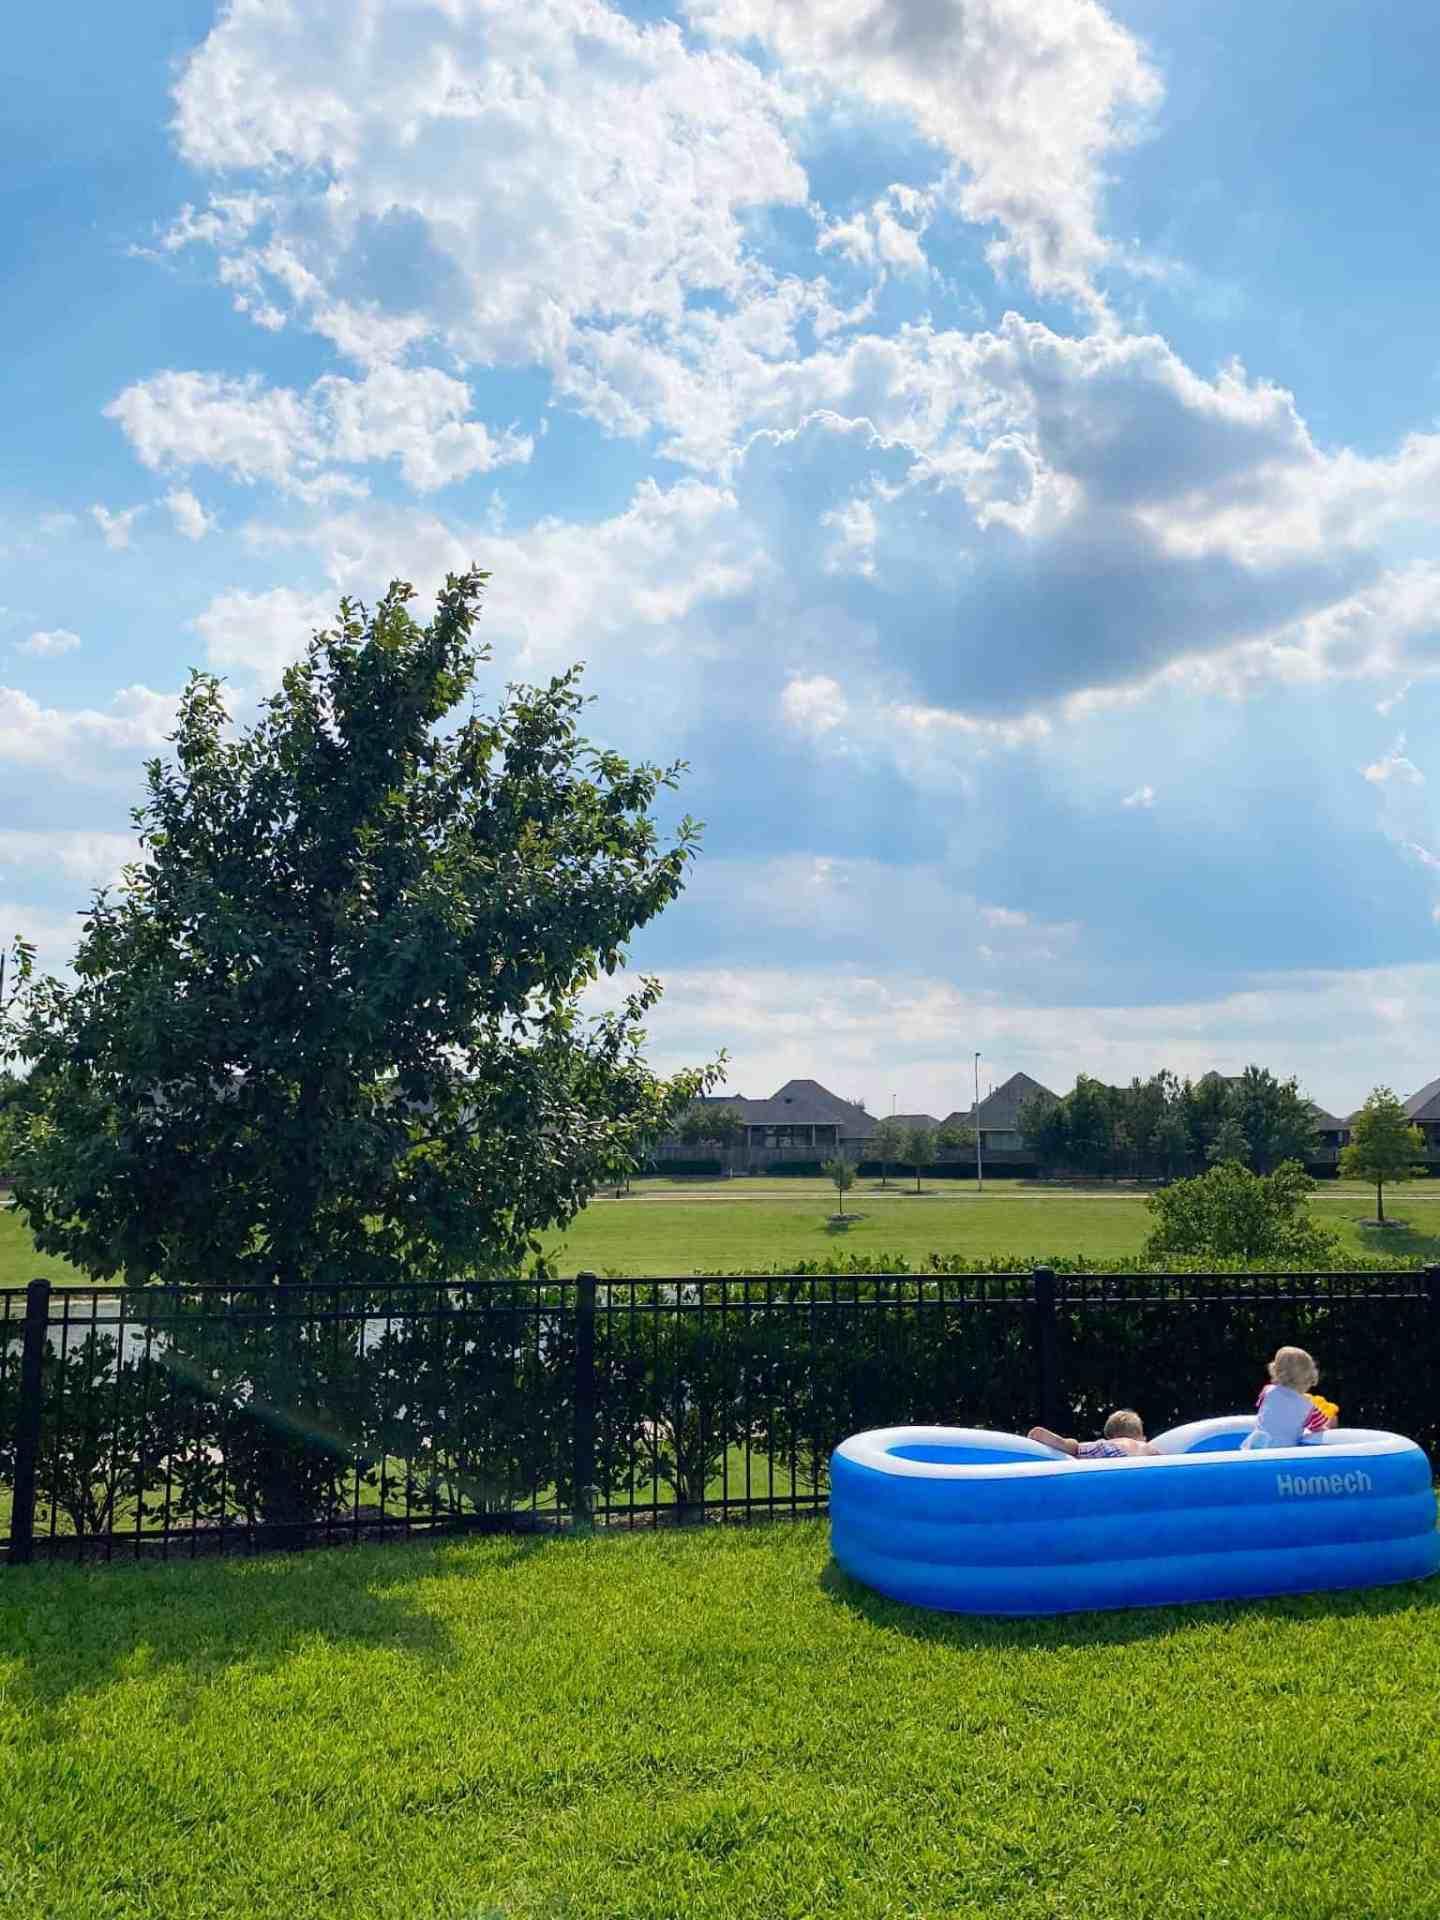 large-inflatable-pool-amazon